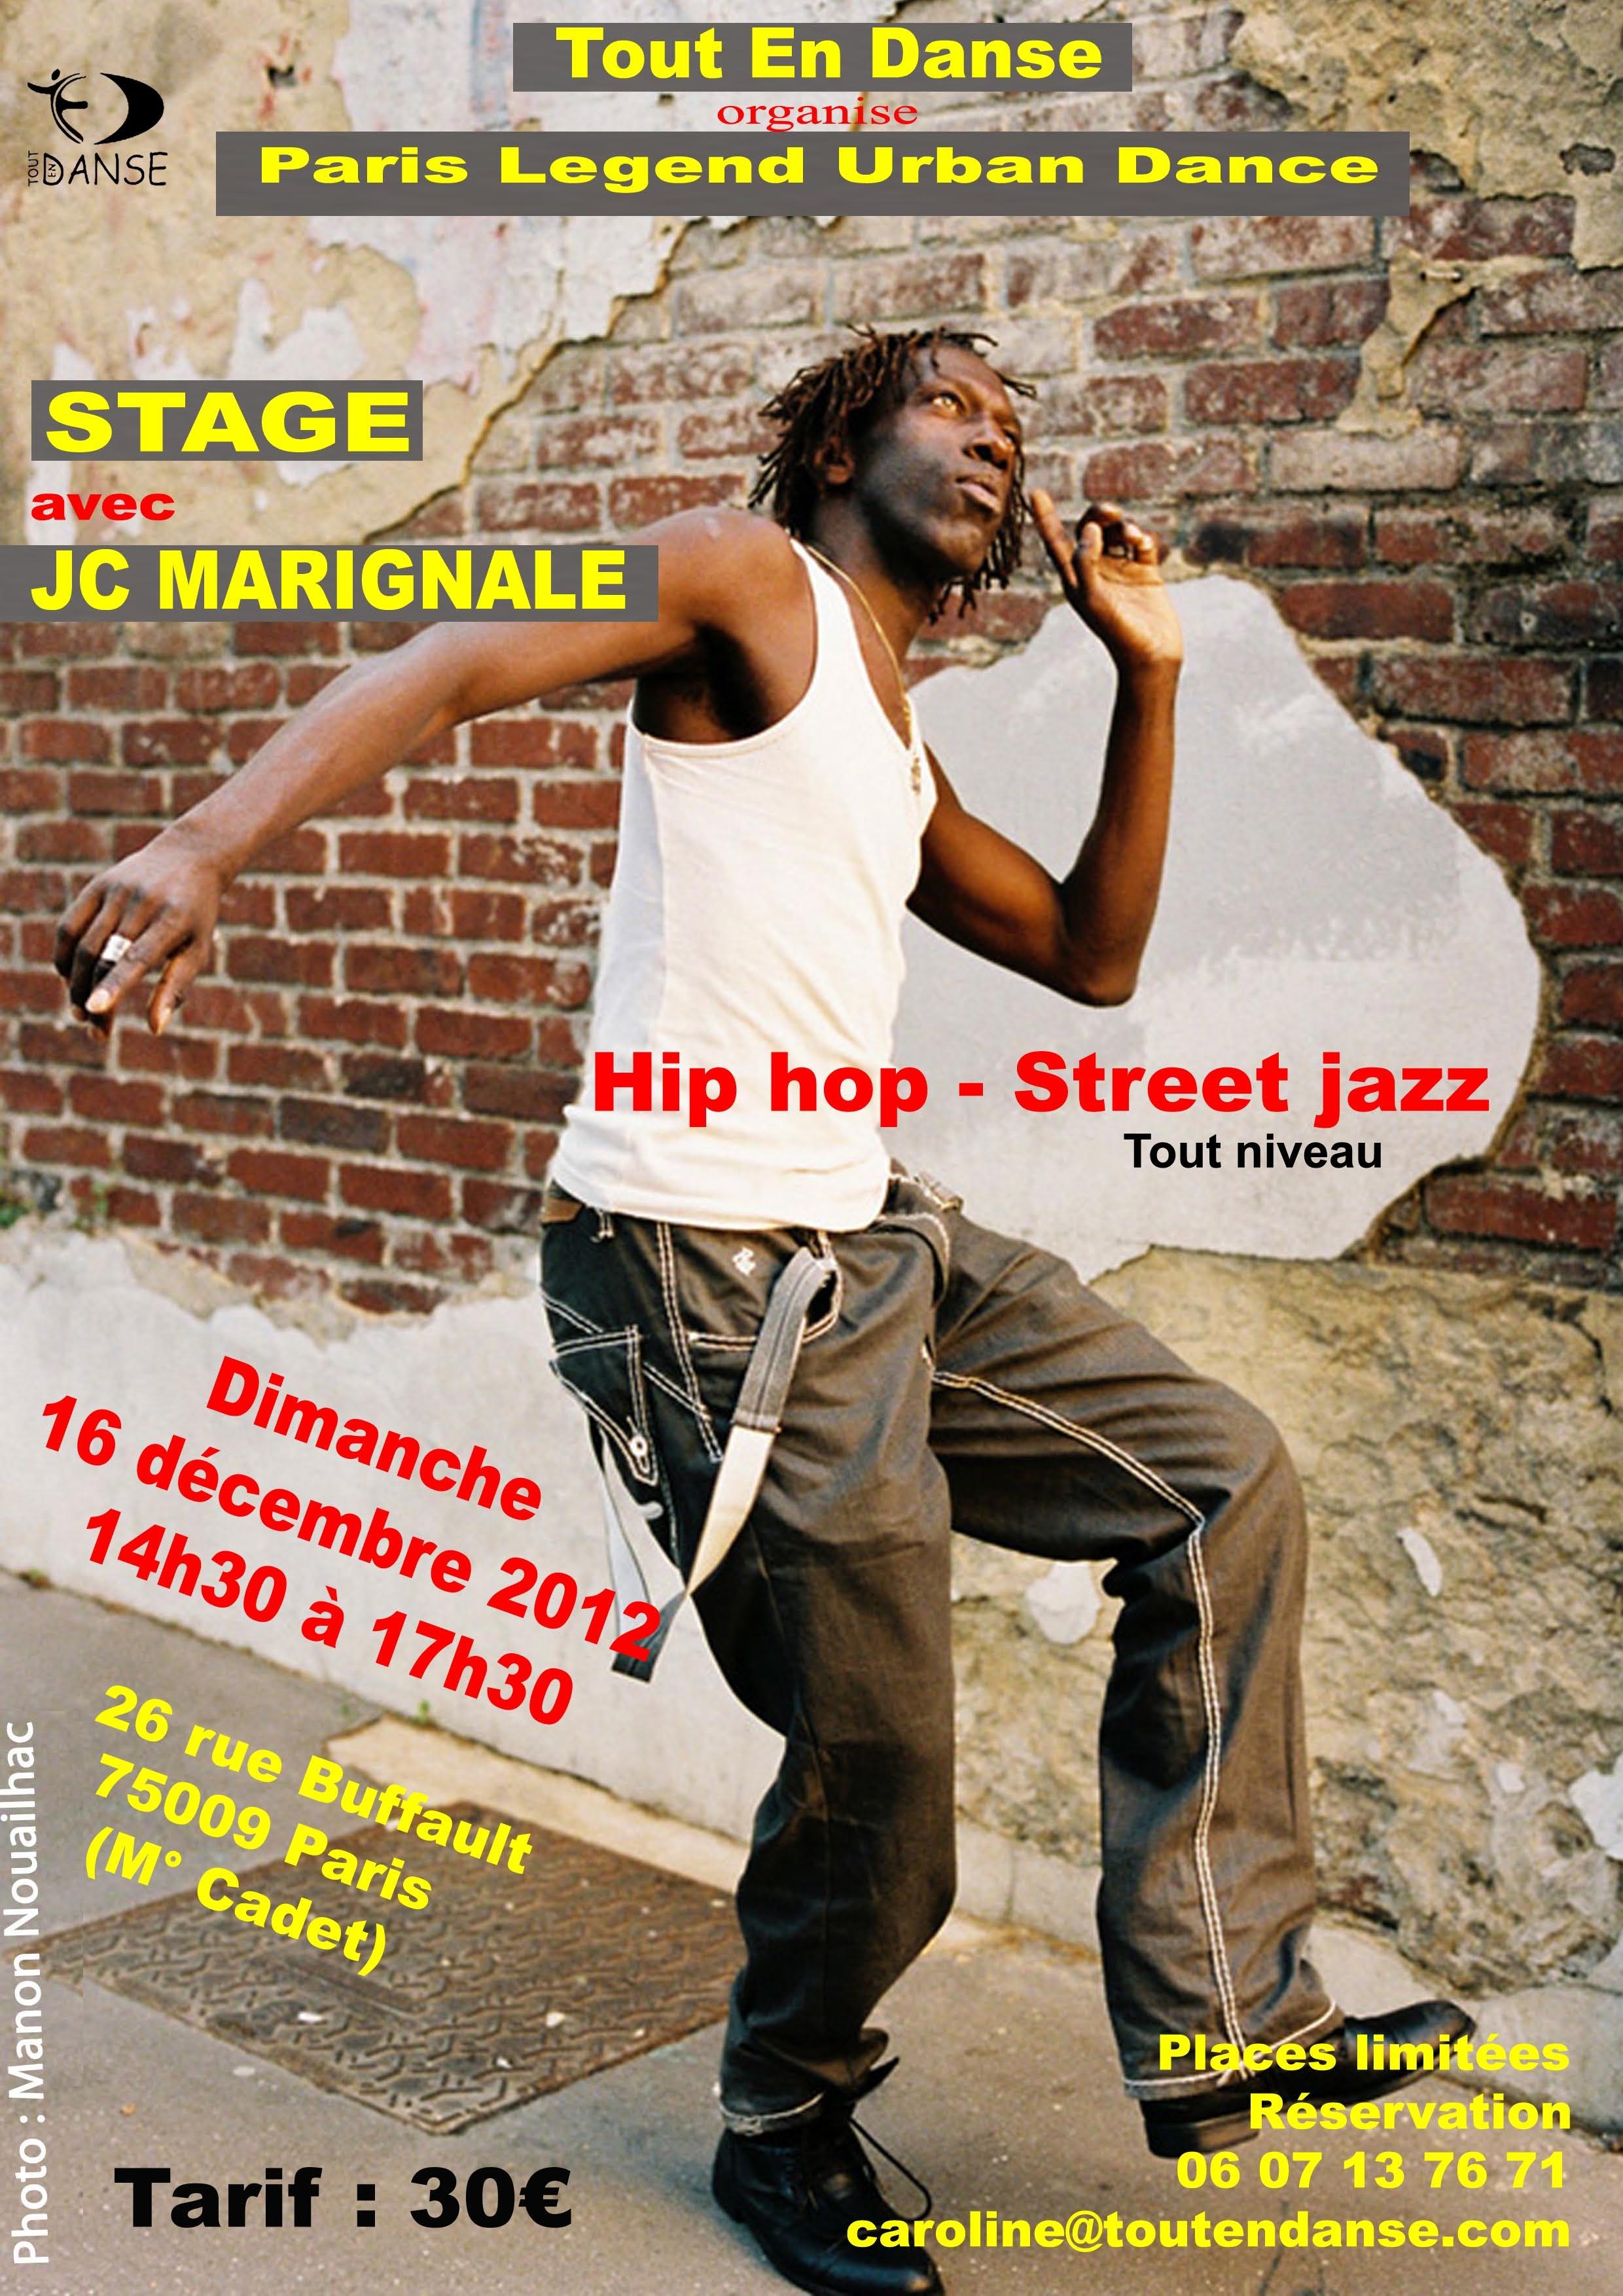 stage-salle-buffaut-jc-16-12-12-apl.jpg